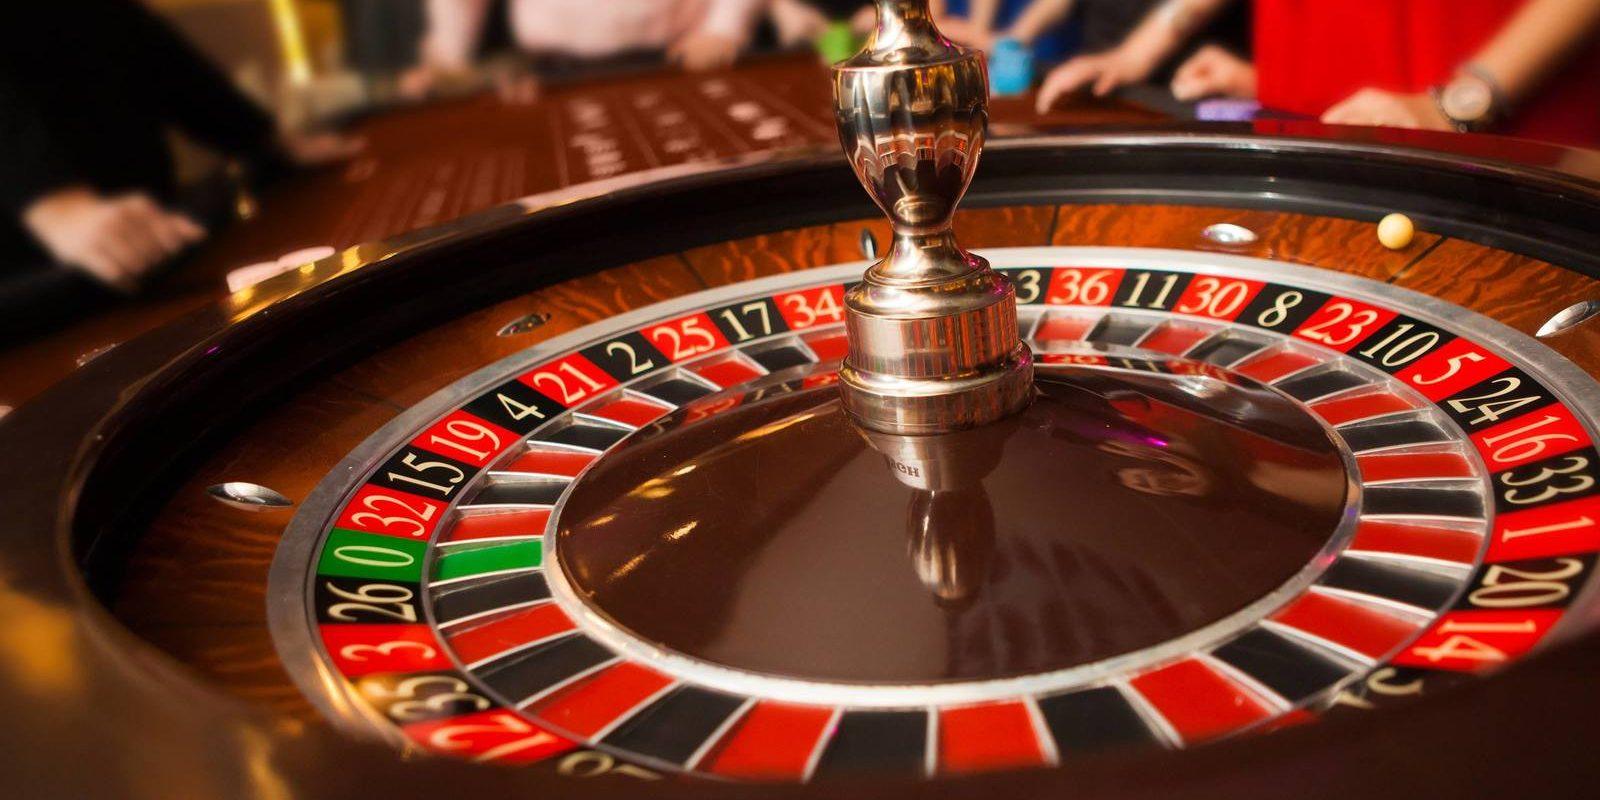 Из-за коронавируса итальянцы стали больше играть в онлайн-казино